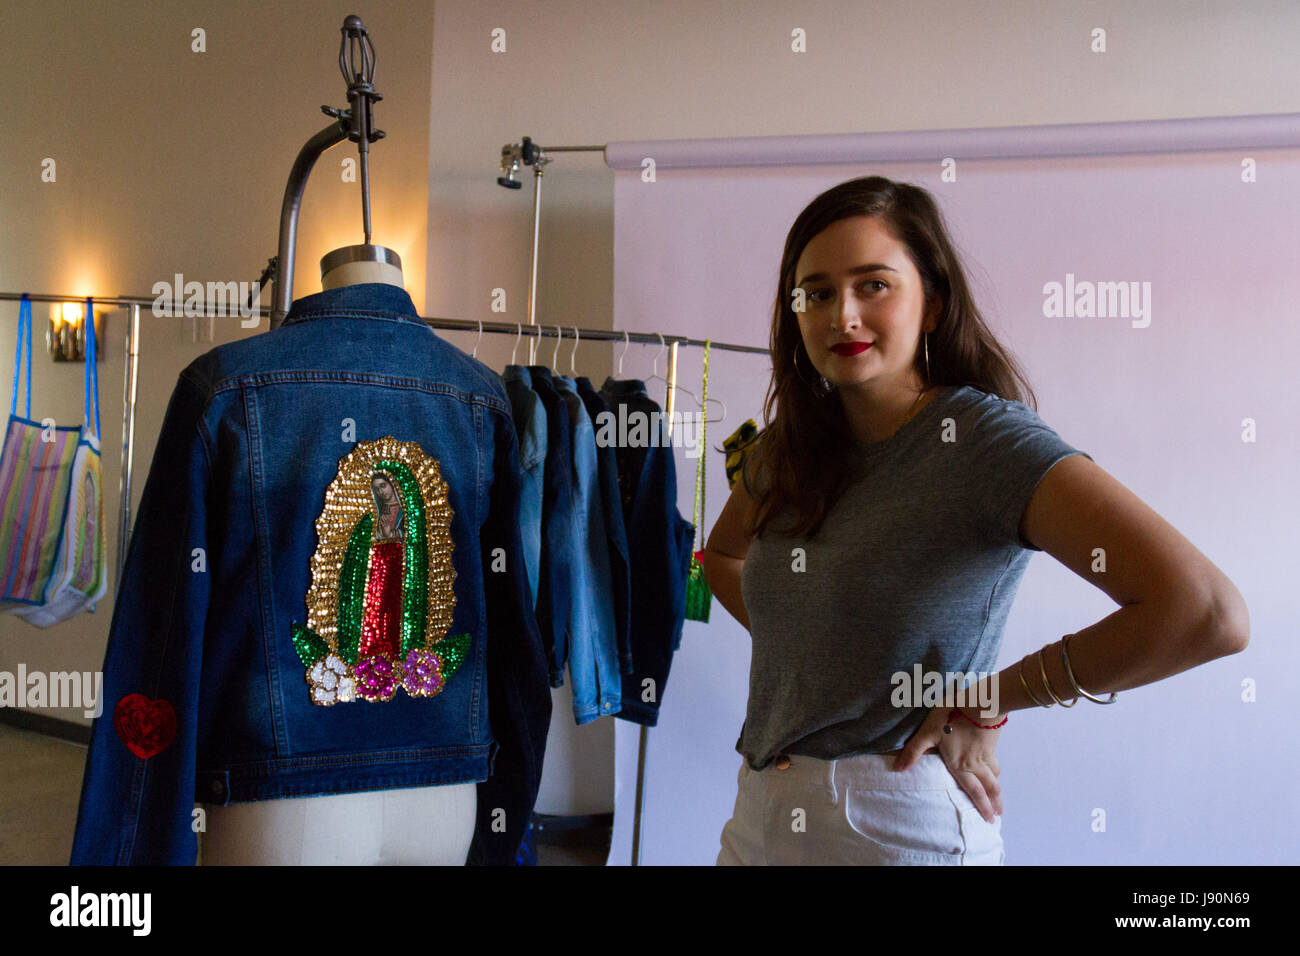 """Diseñador Patty Delgado (L), creador de la marca """"Hija de tu madre"""" plantea con sus piezas de ropa Imagen De Stock"""